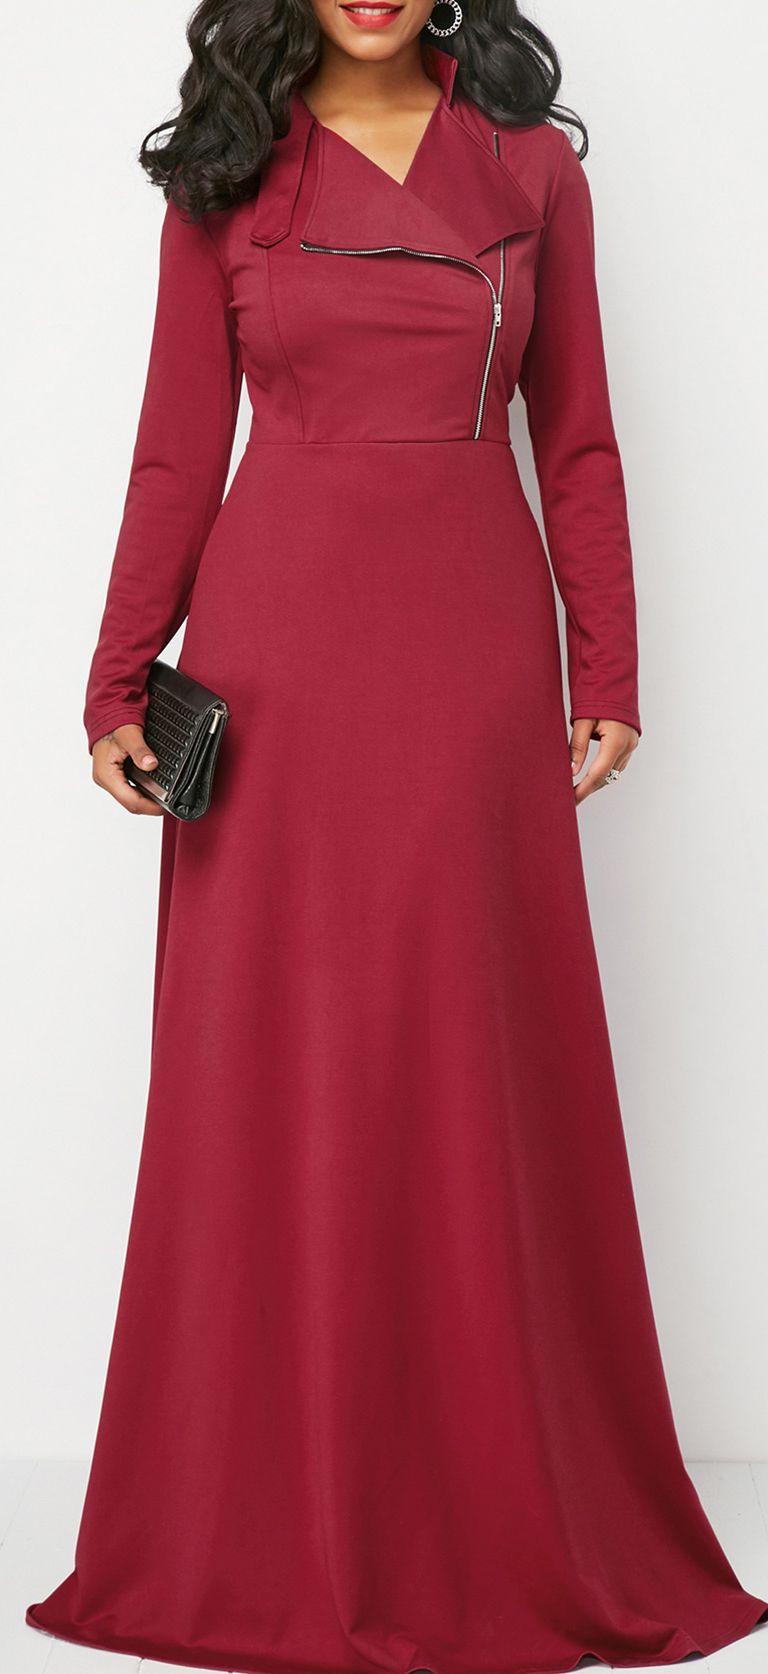 Wine red zipper front long sleeve maxi dress dress pinterest